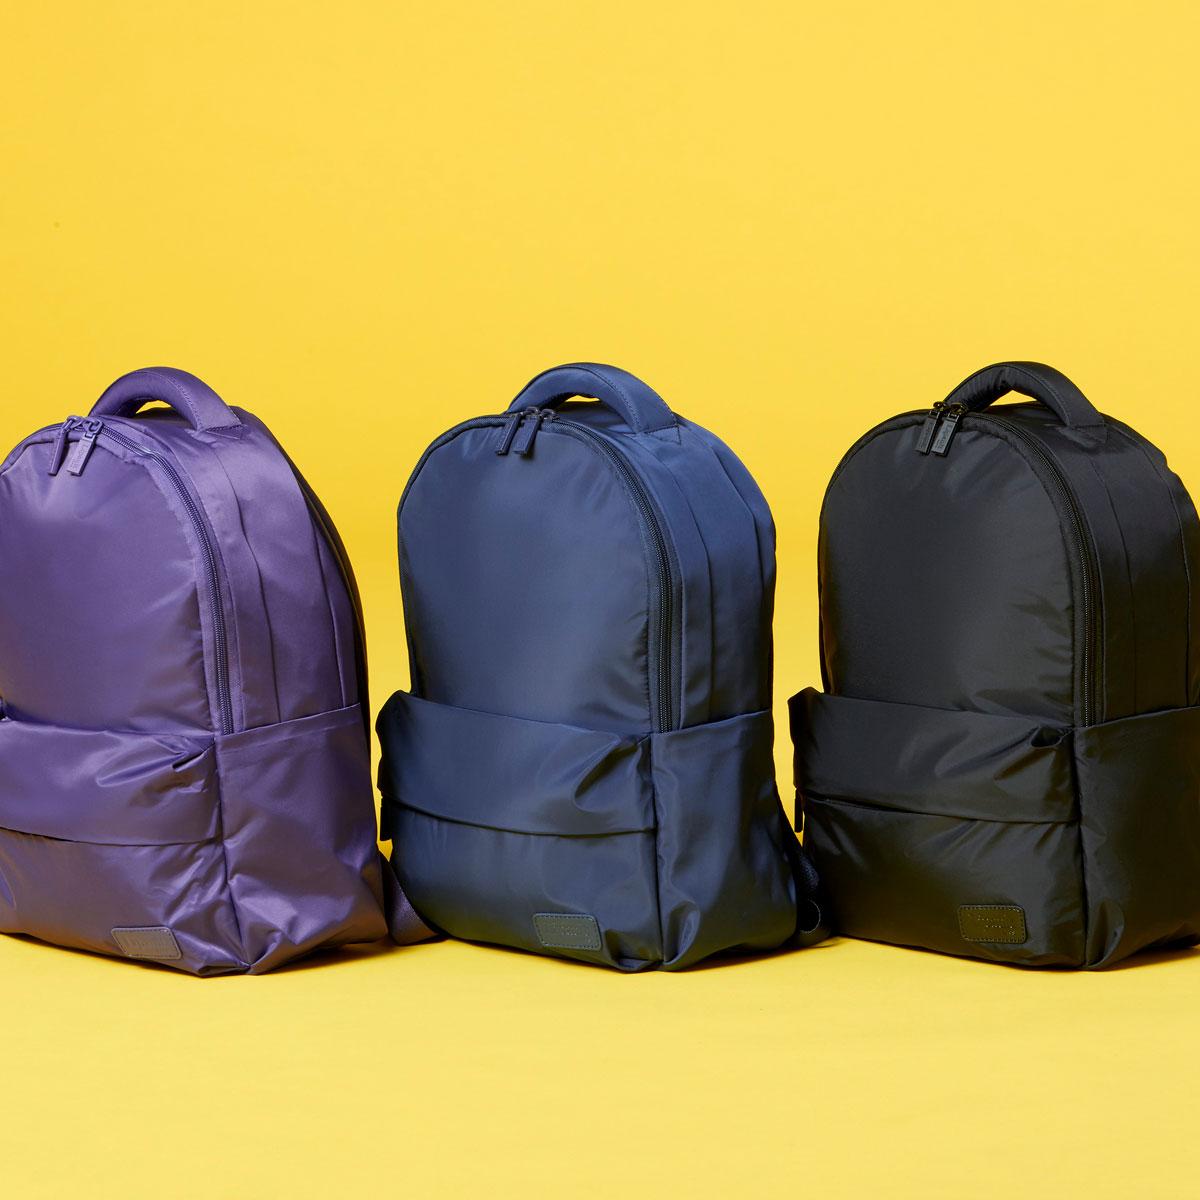 Nunca es suficiente para una #Lipault más... 🎒😏  #shopping #backpack #purple #laptop #color #accesorios #casual #picoftheday #blue #style